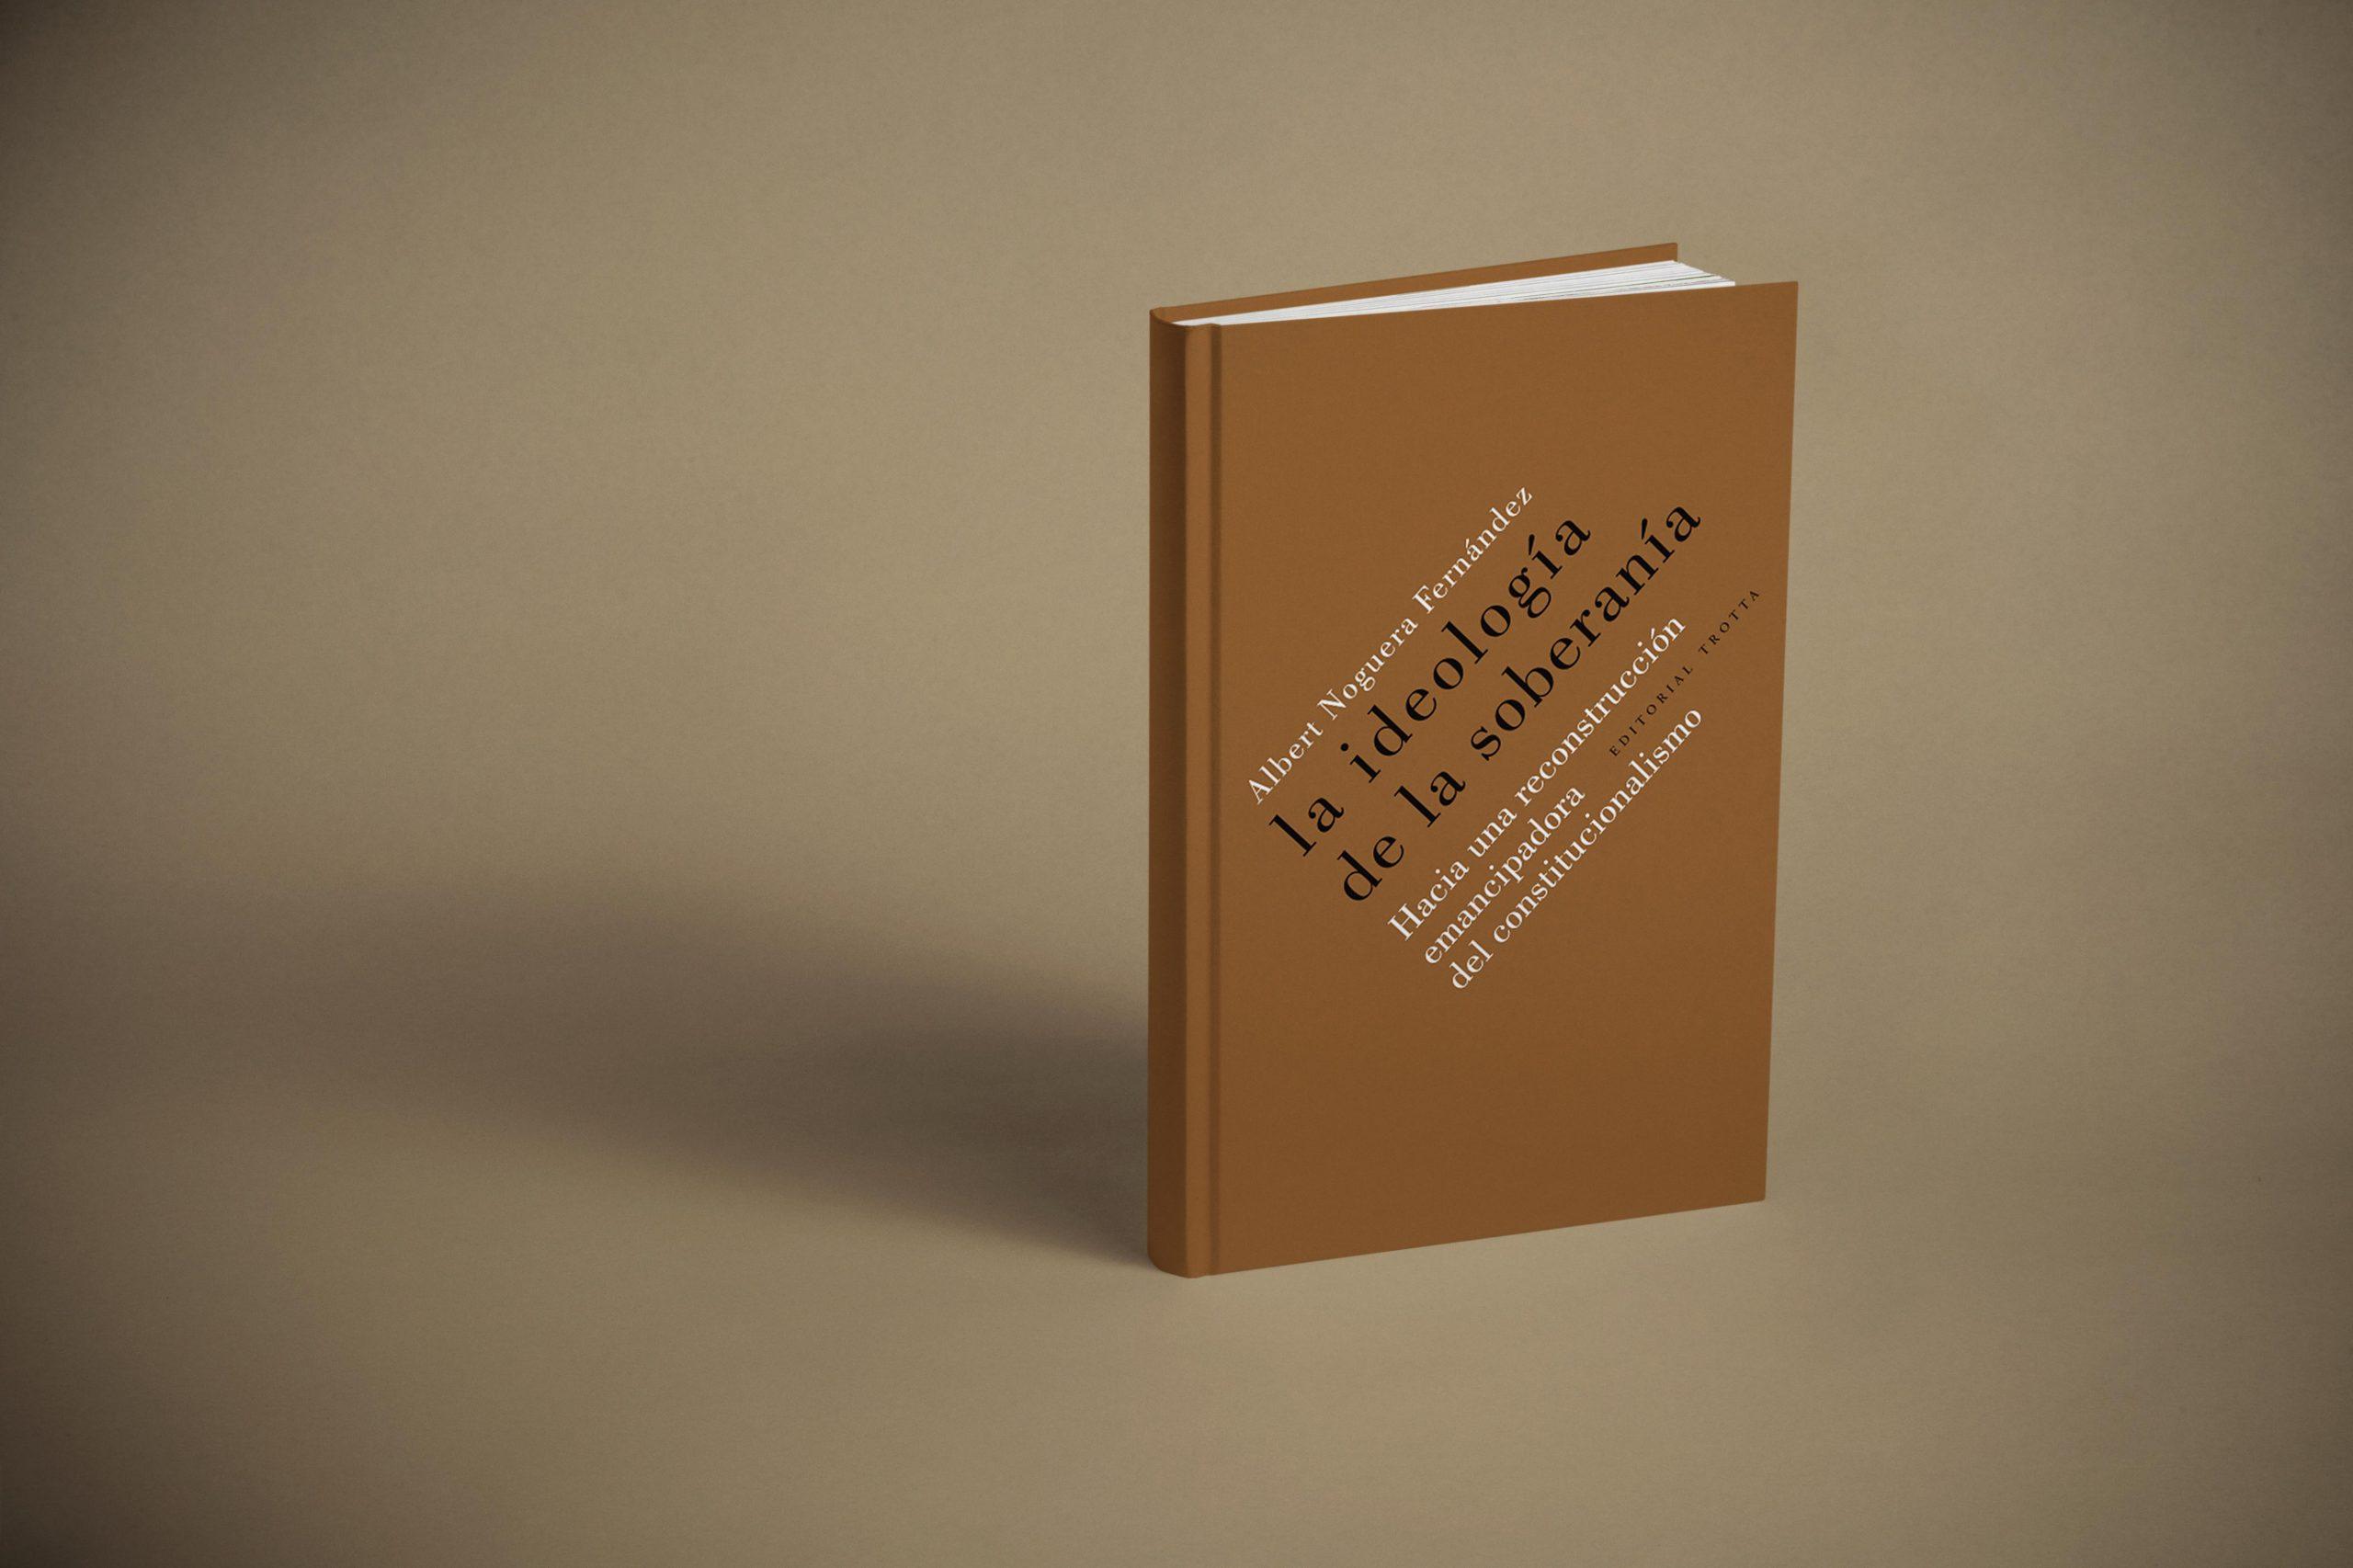 La Ideología de la Soberanía. Hacia una reconstrucción emancipadora del constitucionalismo.